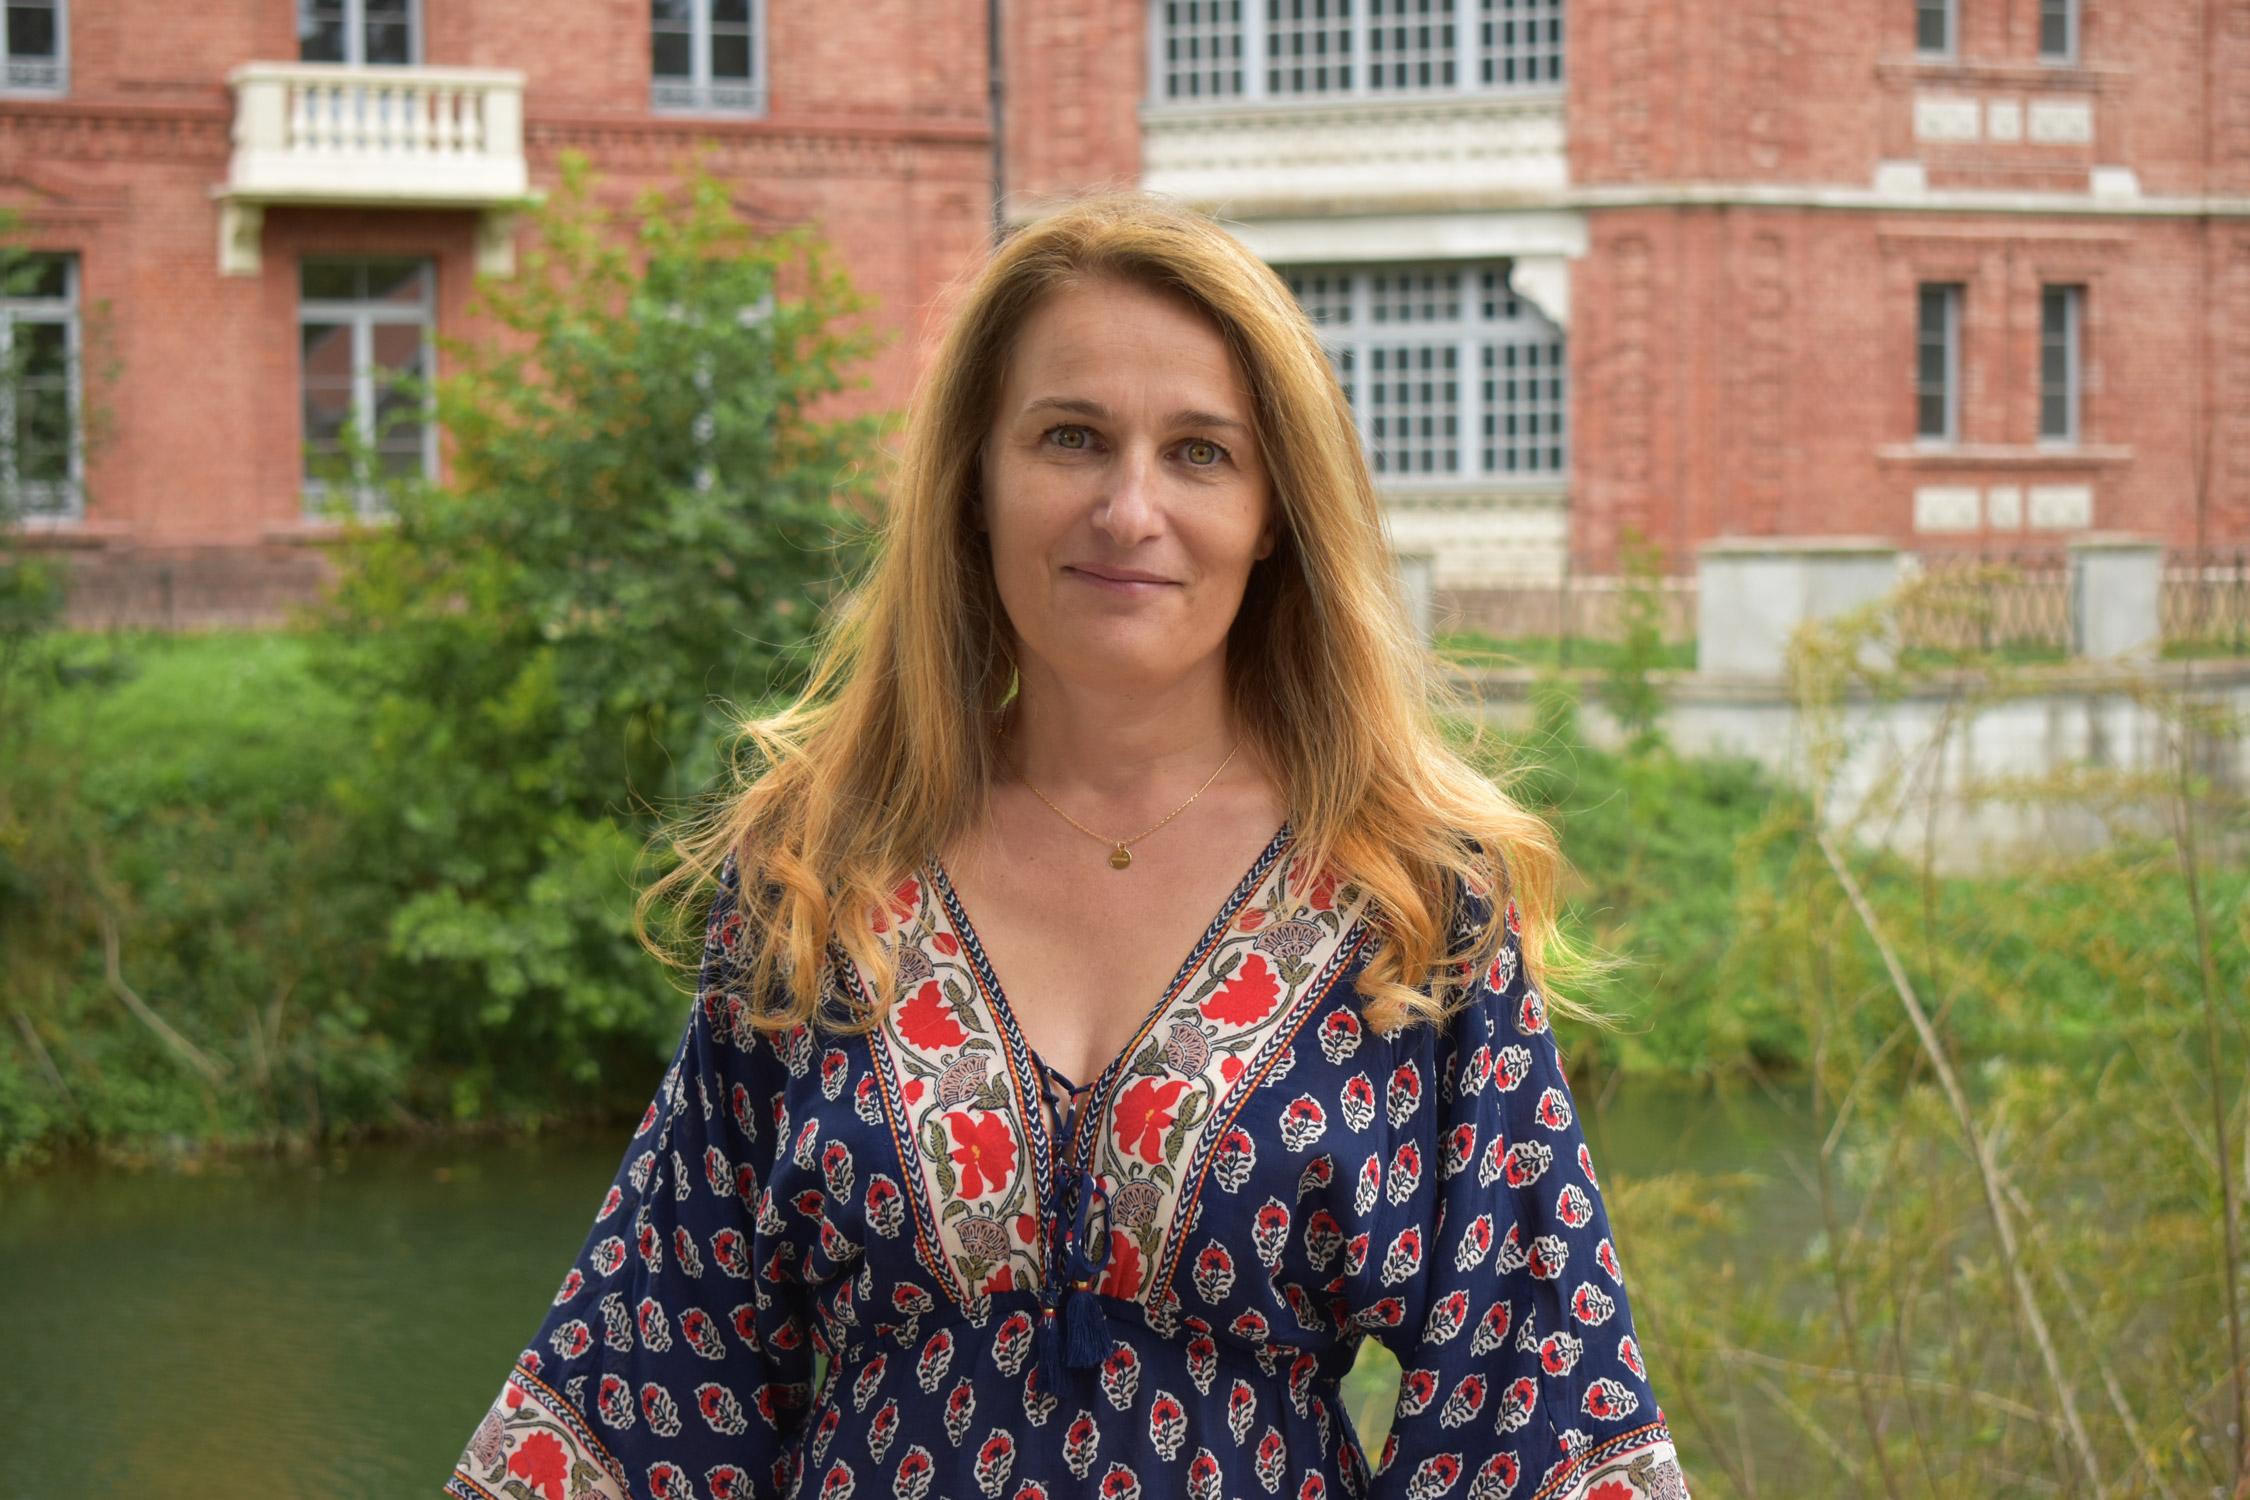 Lise Bourdeau-Lepage, géographe, professeur de l'université de Lyon 3